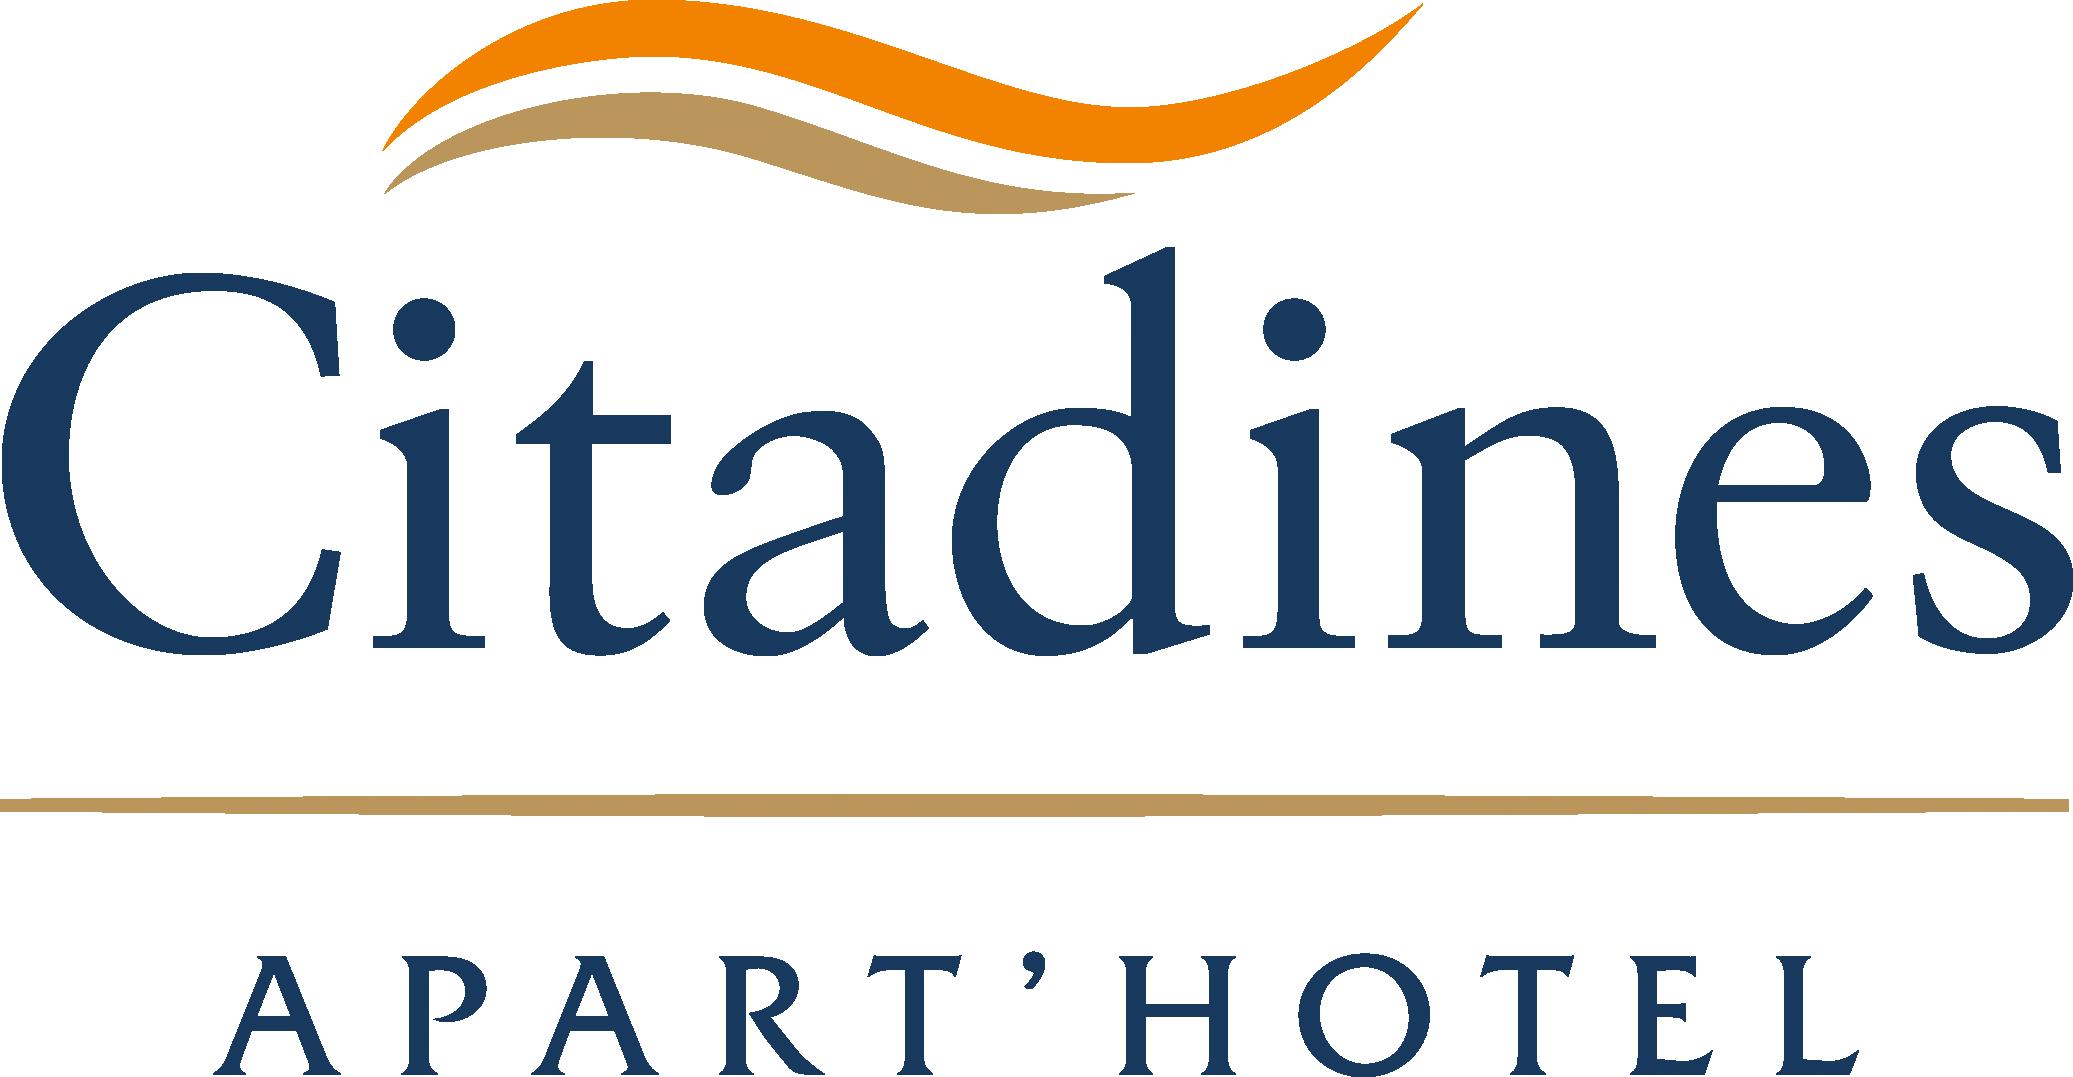 citadines-apart-hotel.png